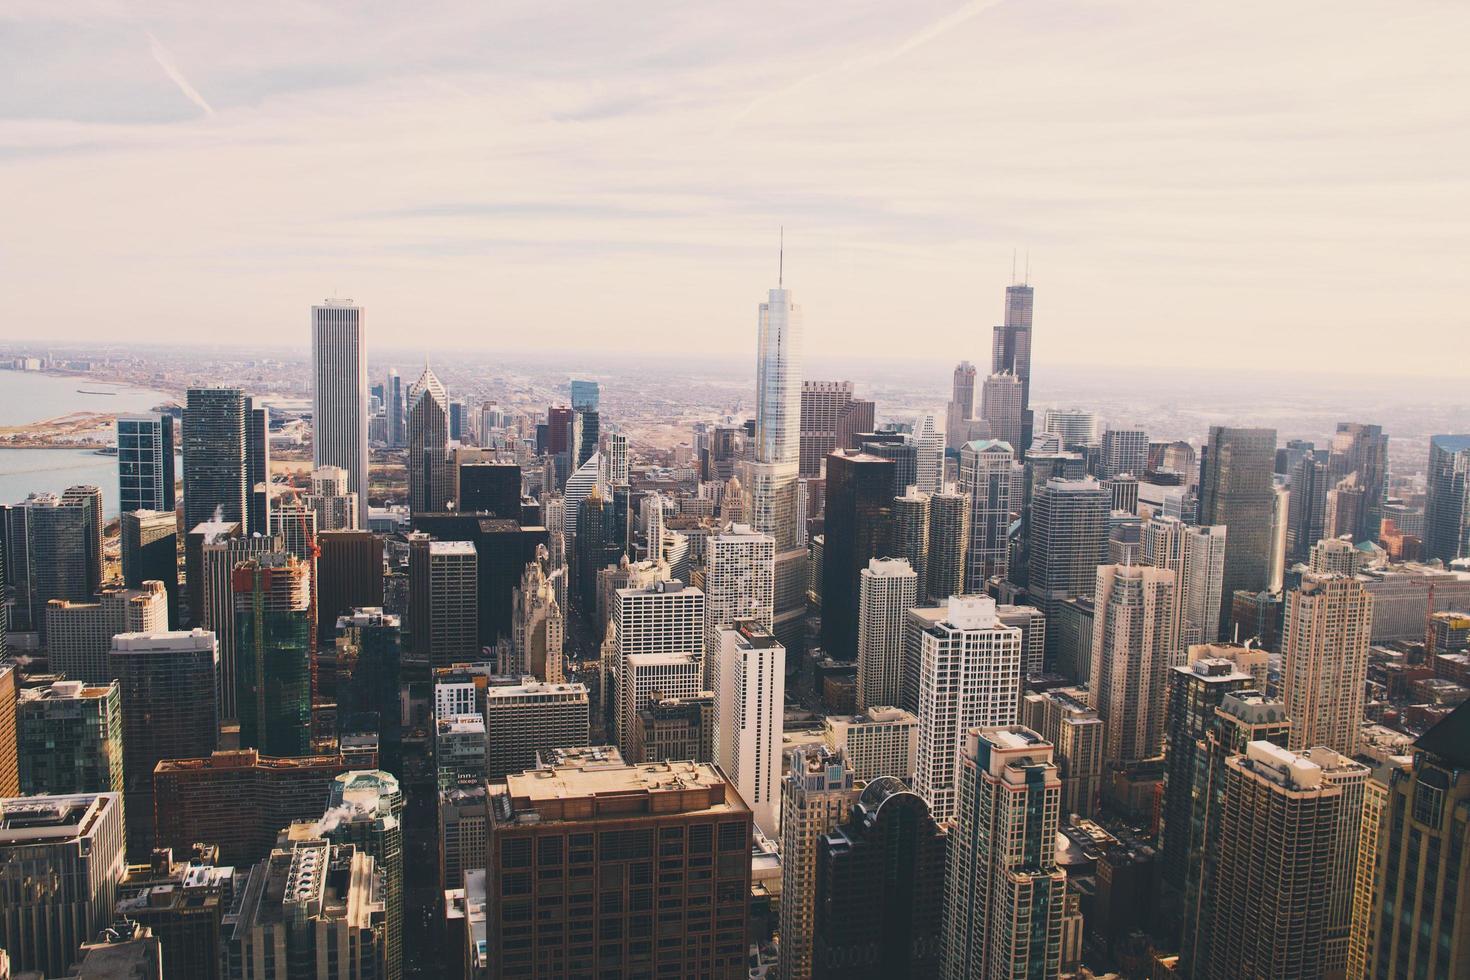 vista aerea della città con i grattacieli foto